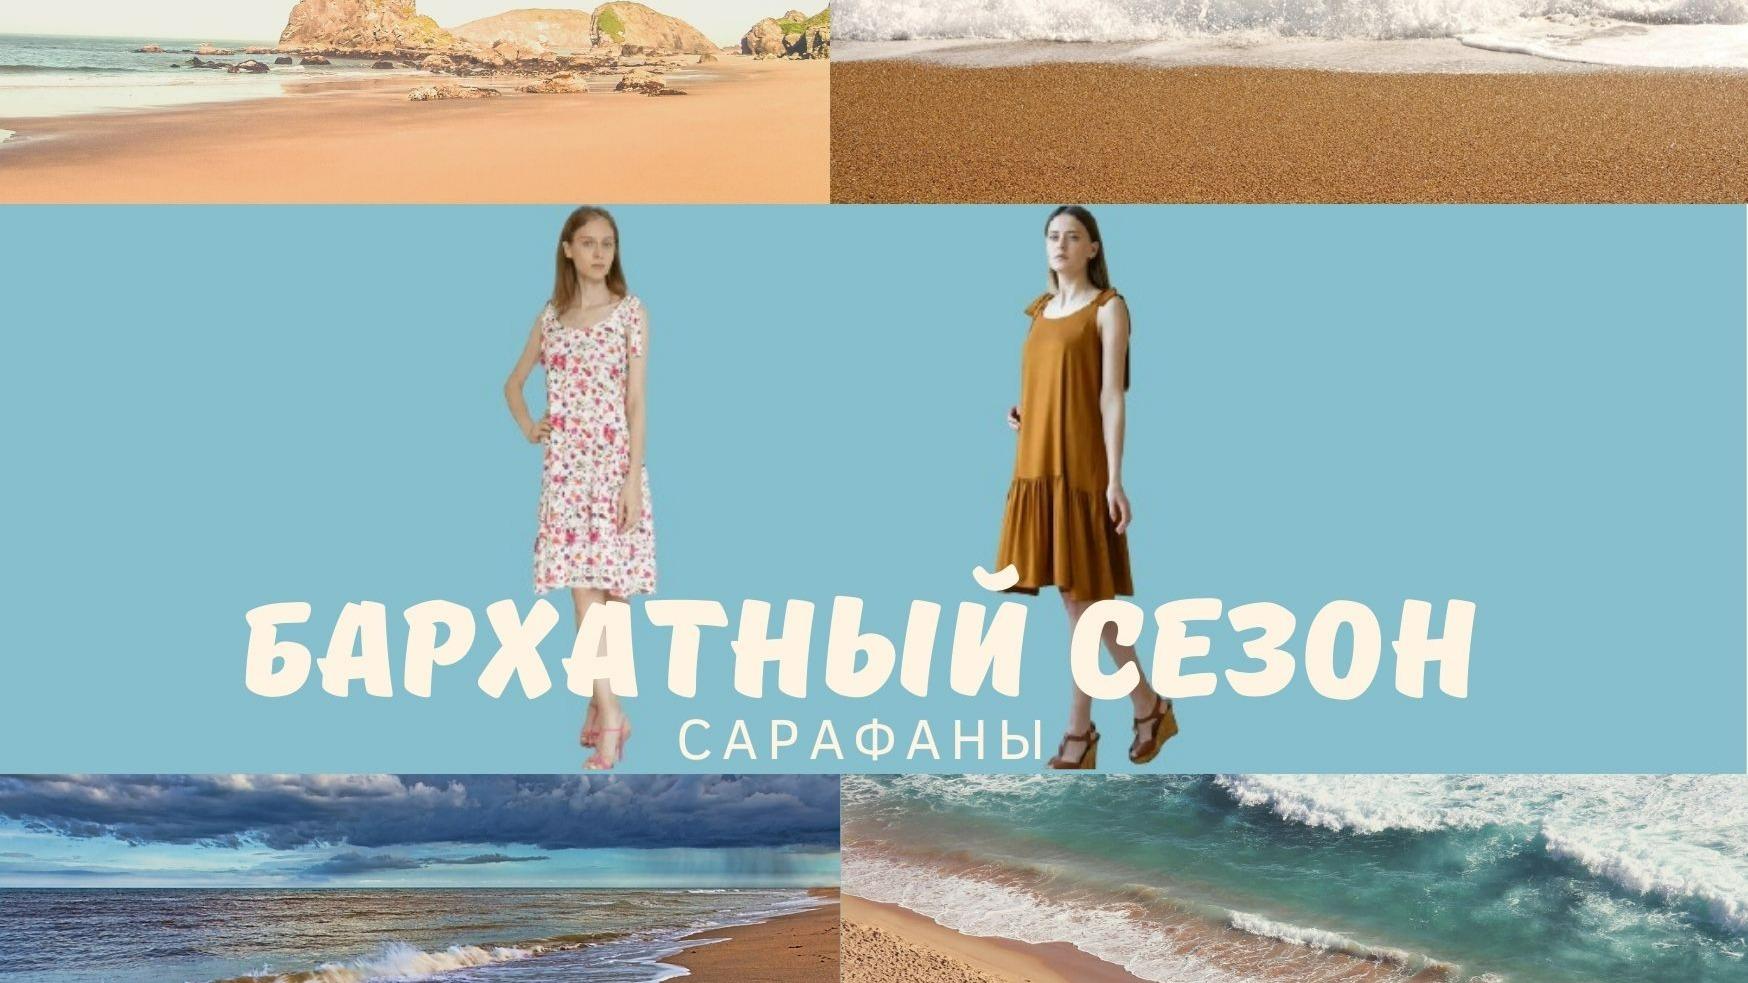 Бархатный сезон - время отпусков